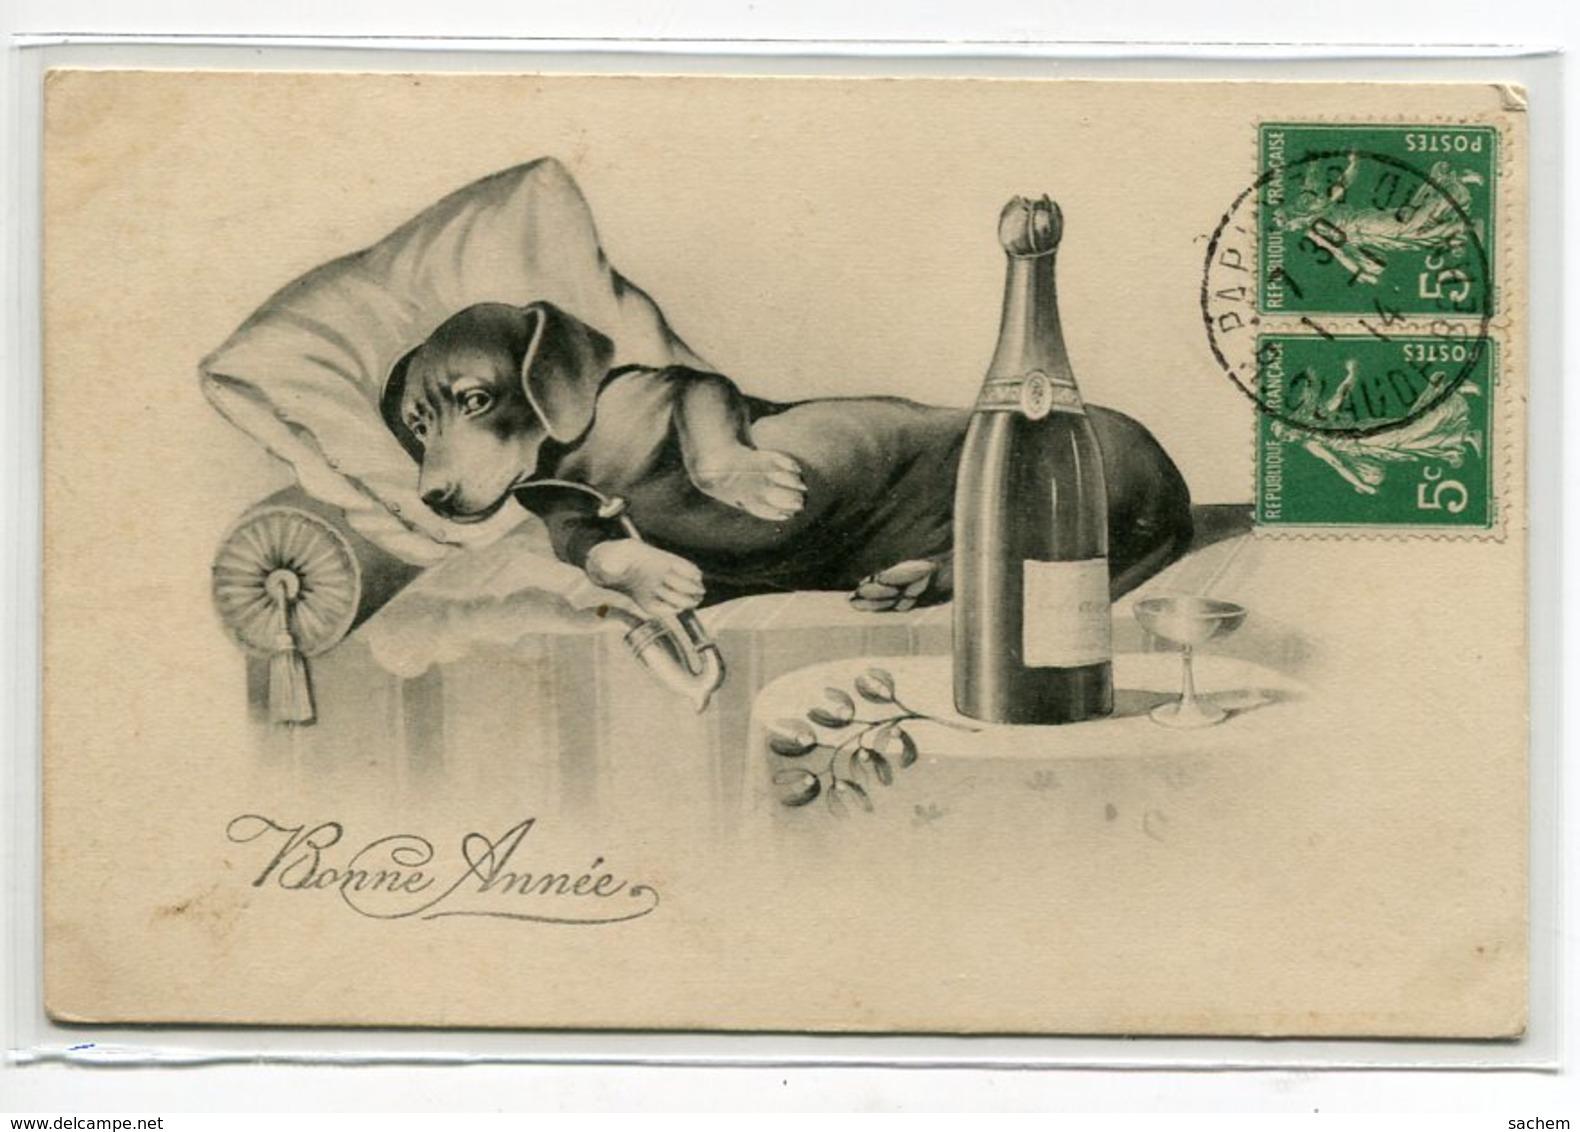 CHIENS Chien Humanisé   HHIW Nr 1101 TECKEL Au Lit Fumant Pipe Champagne Table Nuit Bonne Année 1914 Timb   D19 2019 - Hunde